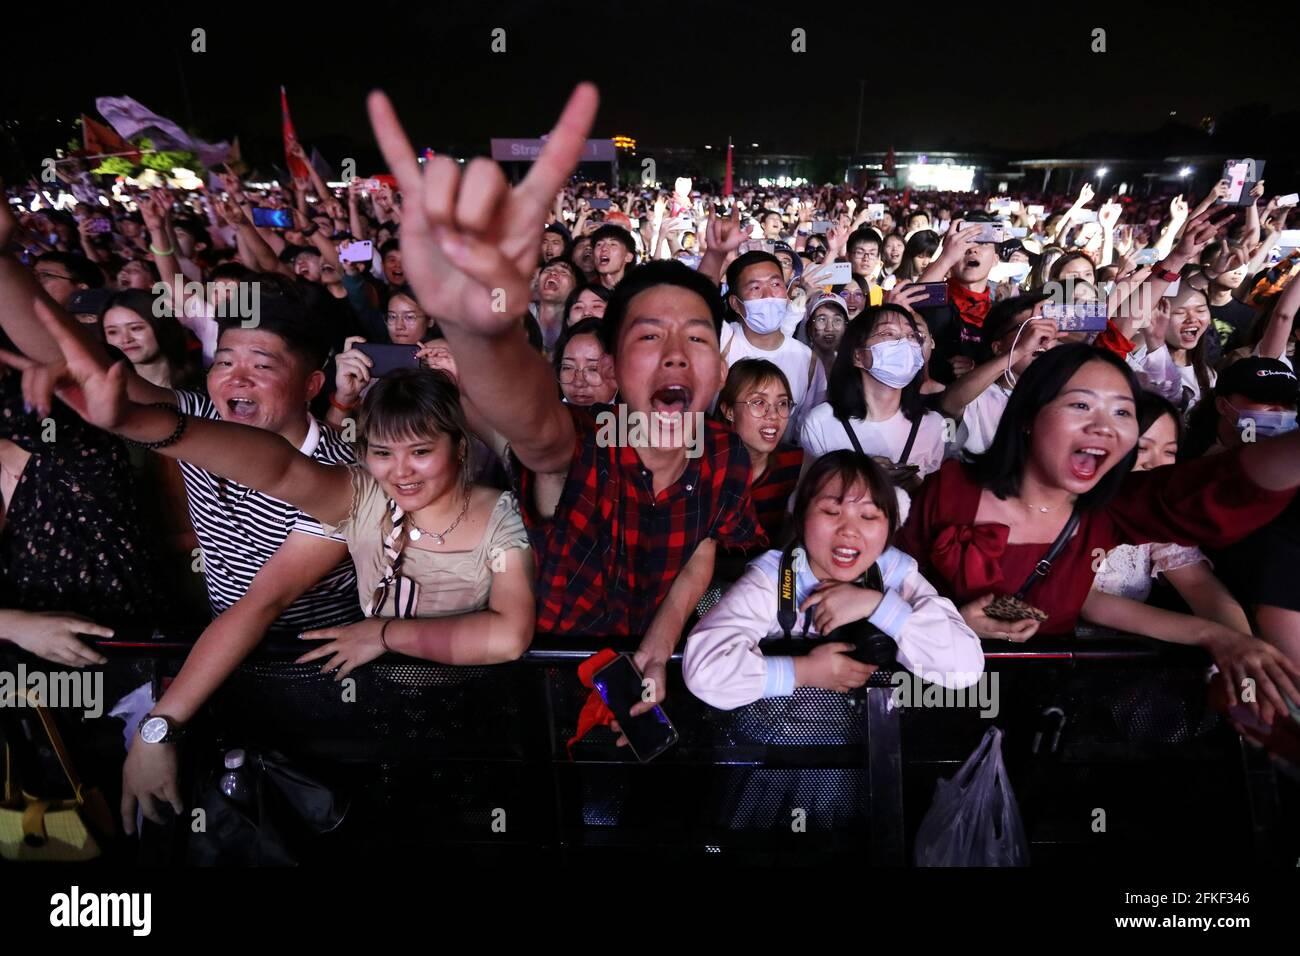 I fan assistono a una performance di una band rock al Festival di Strawberry Music durante la festa del Labor Day a Wuhan, nella provincia di Hubei, Cina, 1 maggio 2021. REUTERS/Tingshu Wang Foto Stock